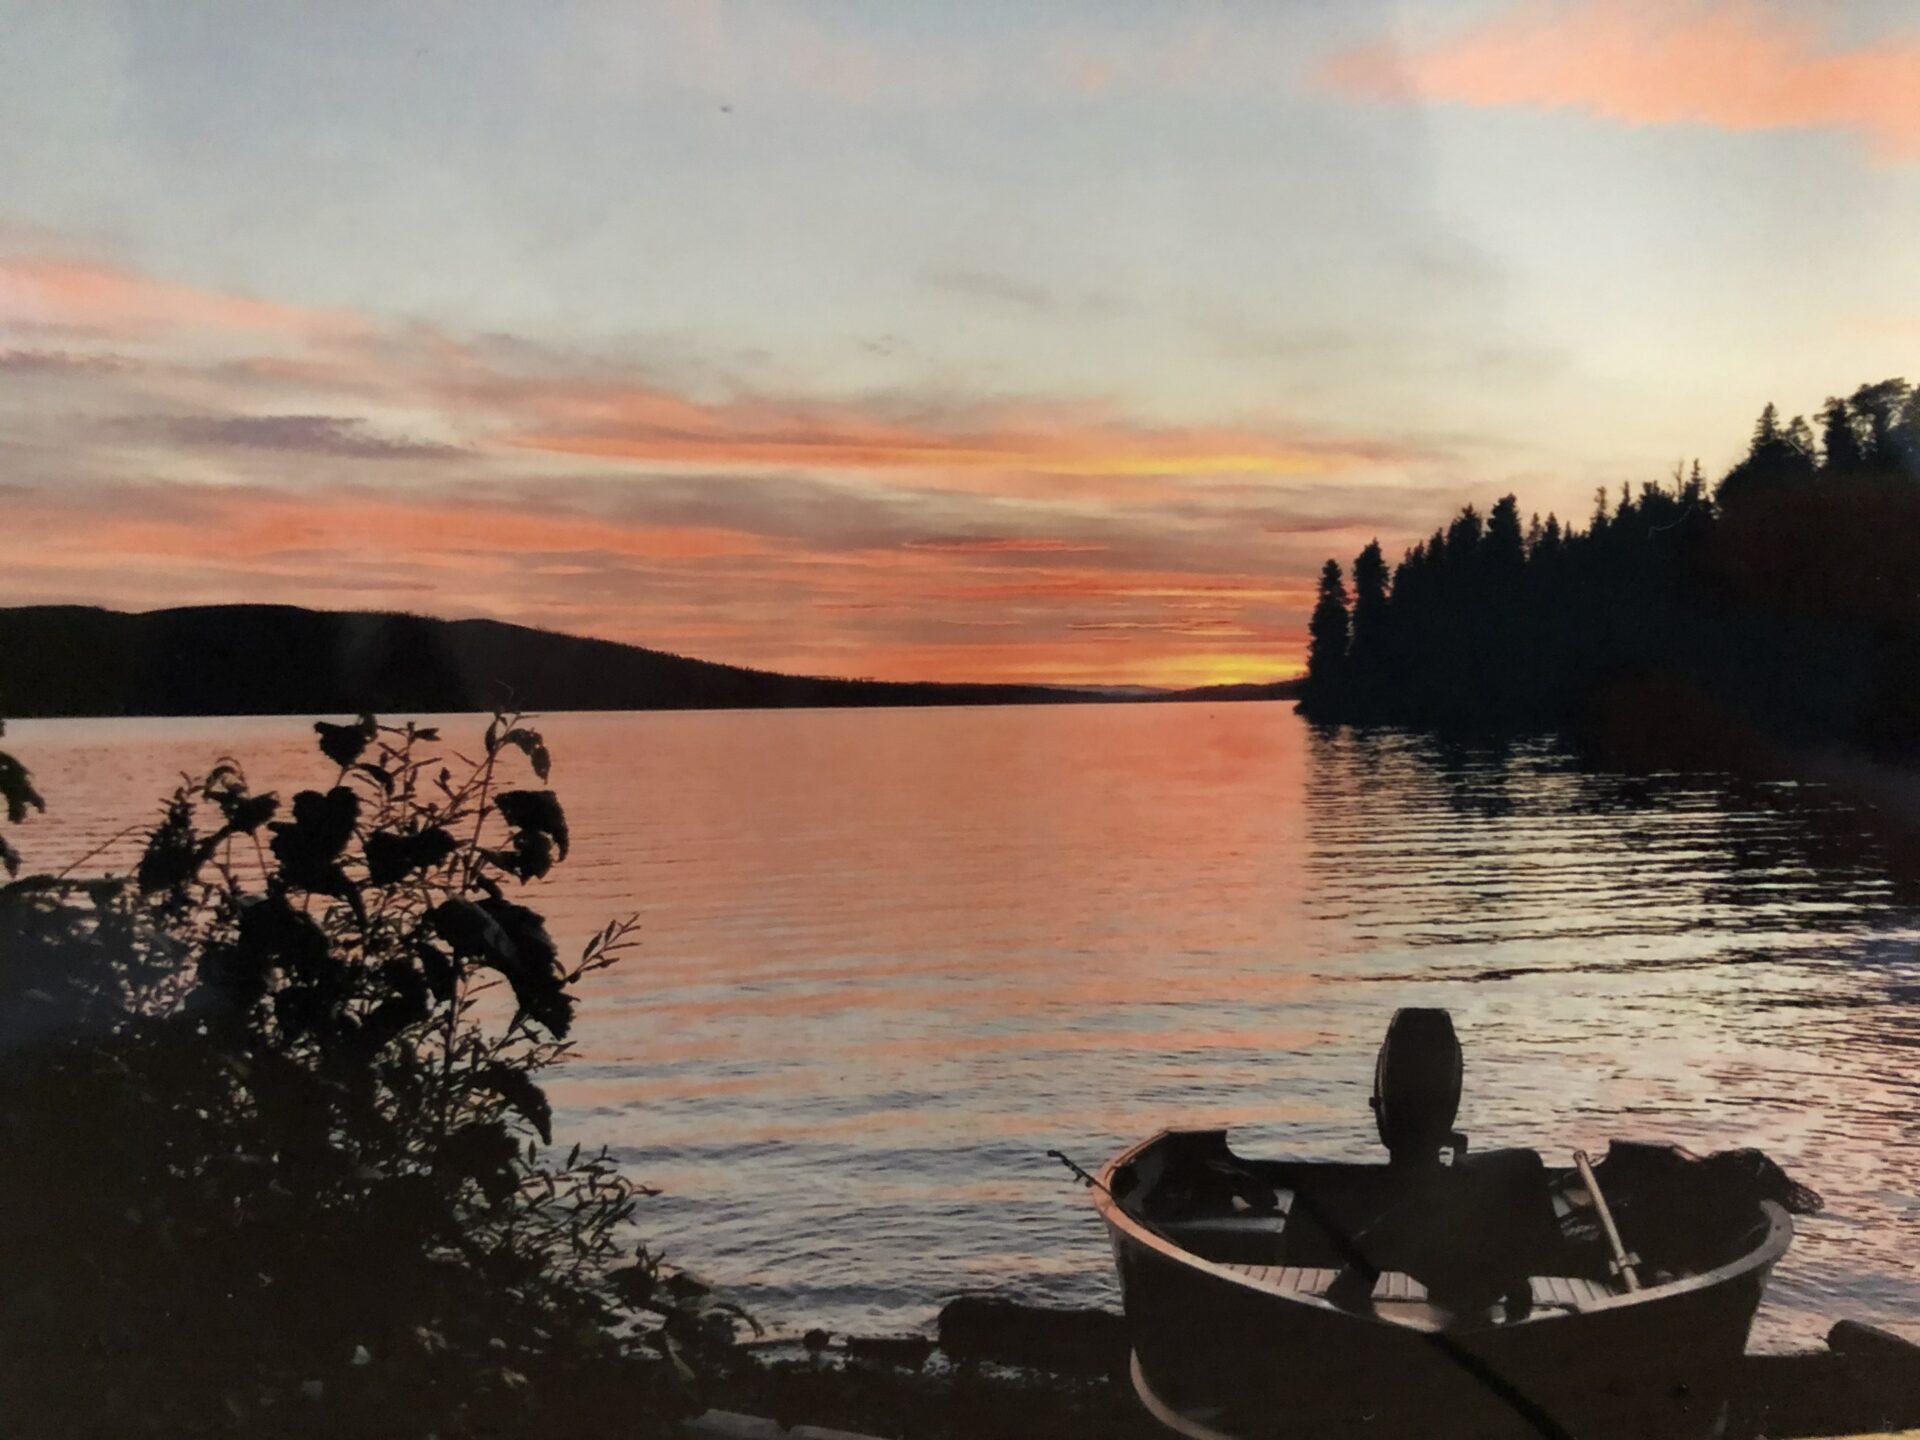 Fishing lake. Credit: Raeanne O'Meara.